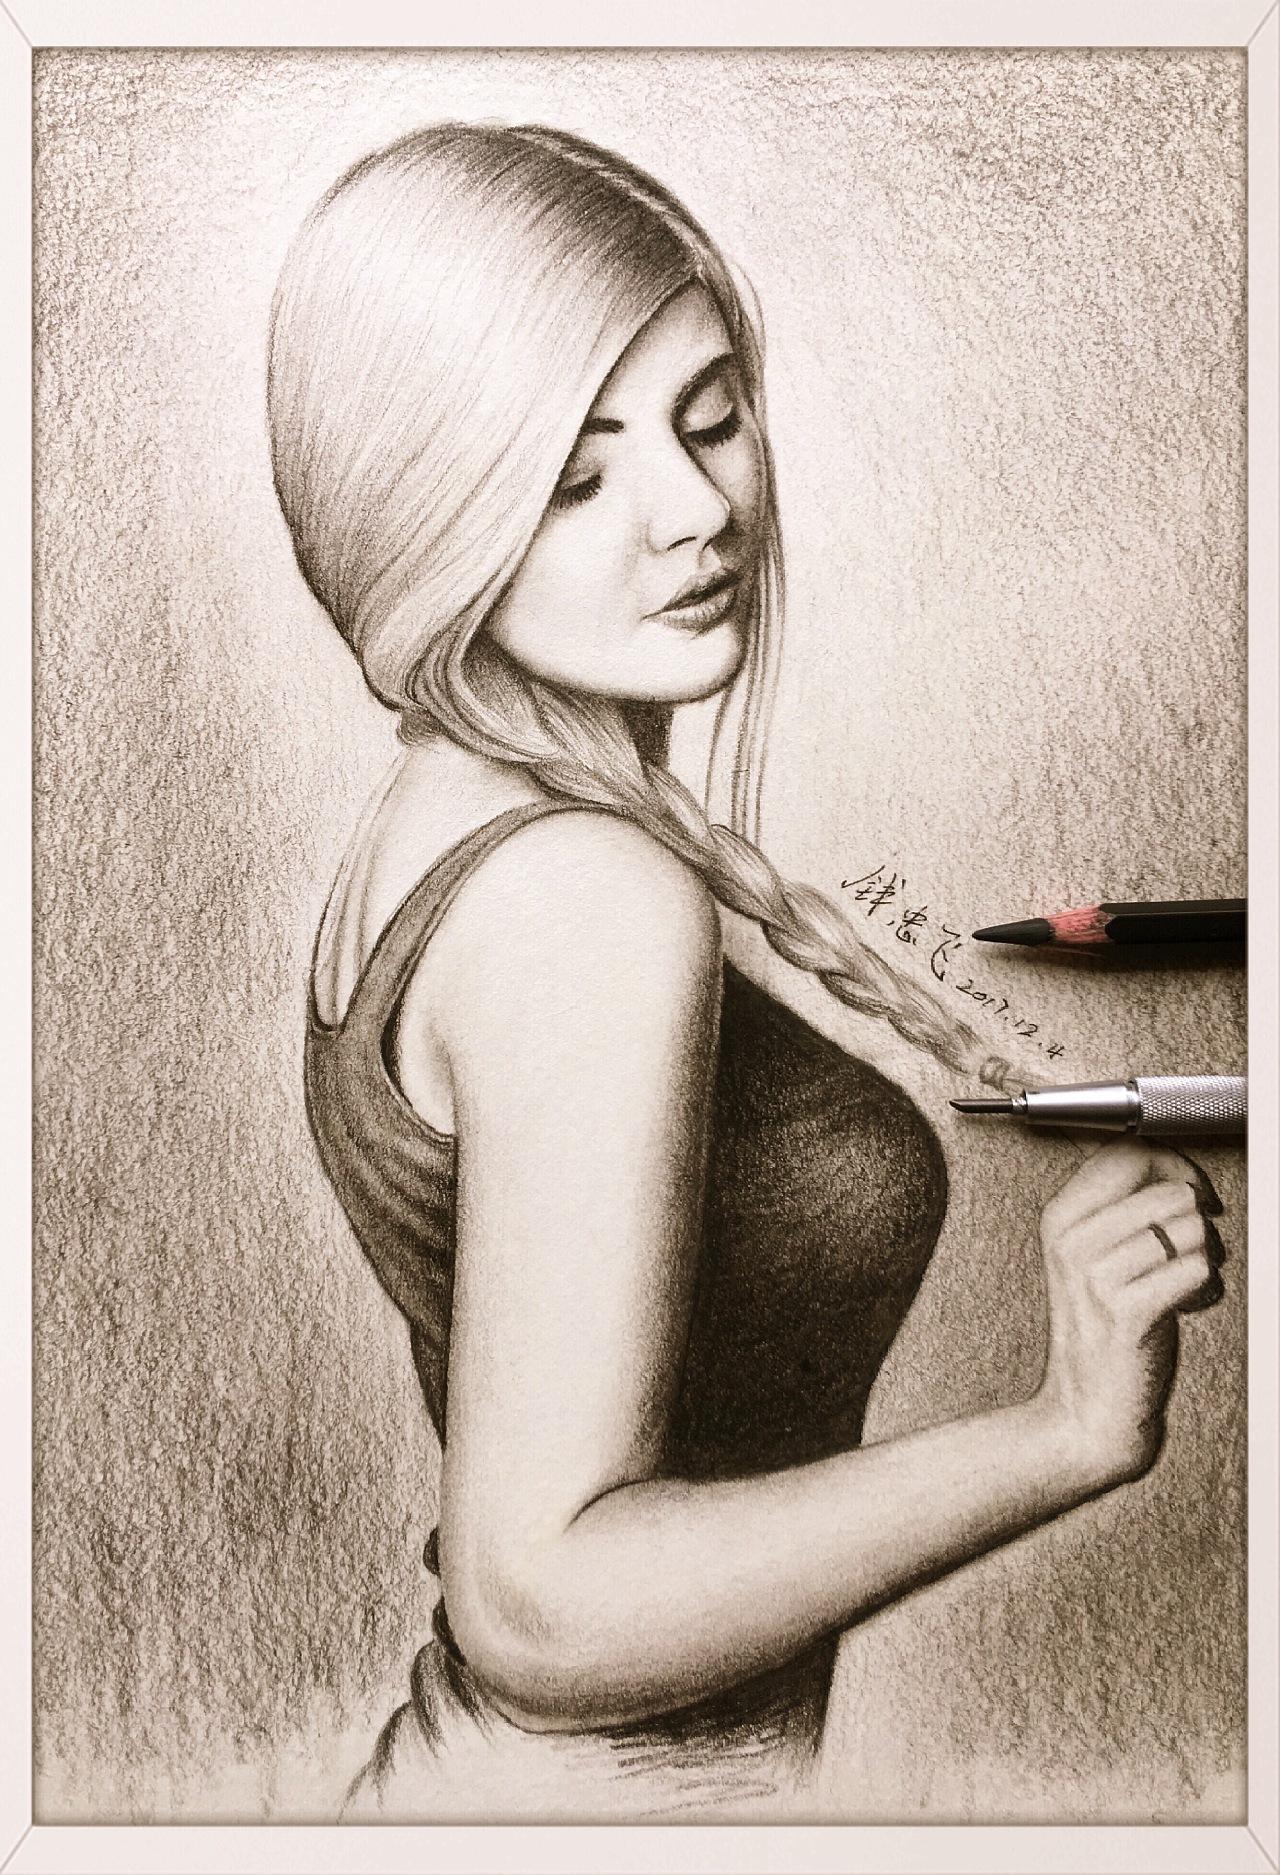 人物素描画